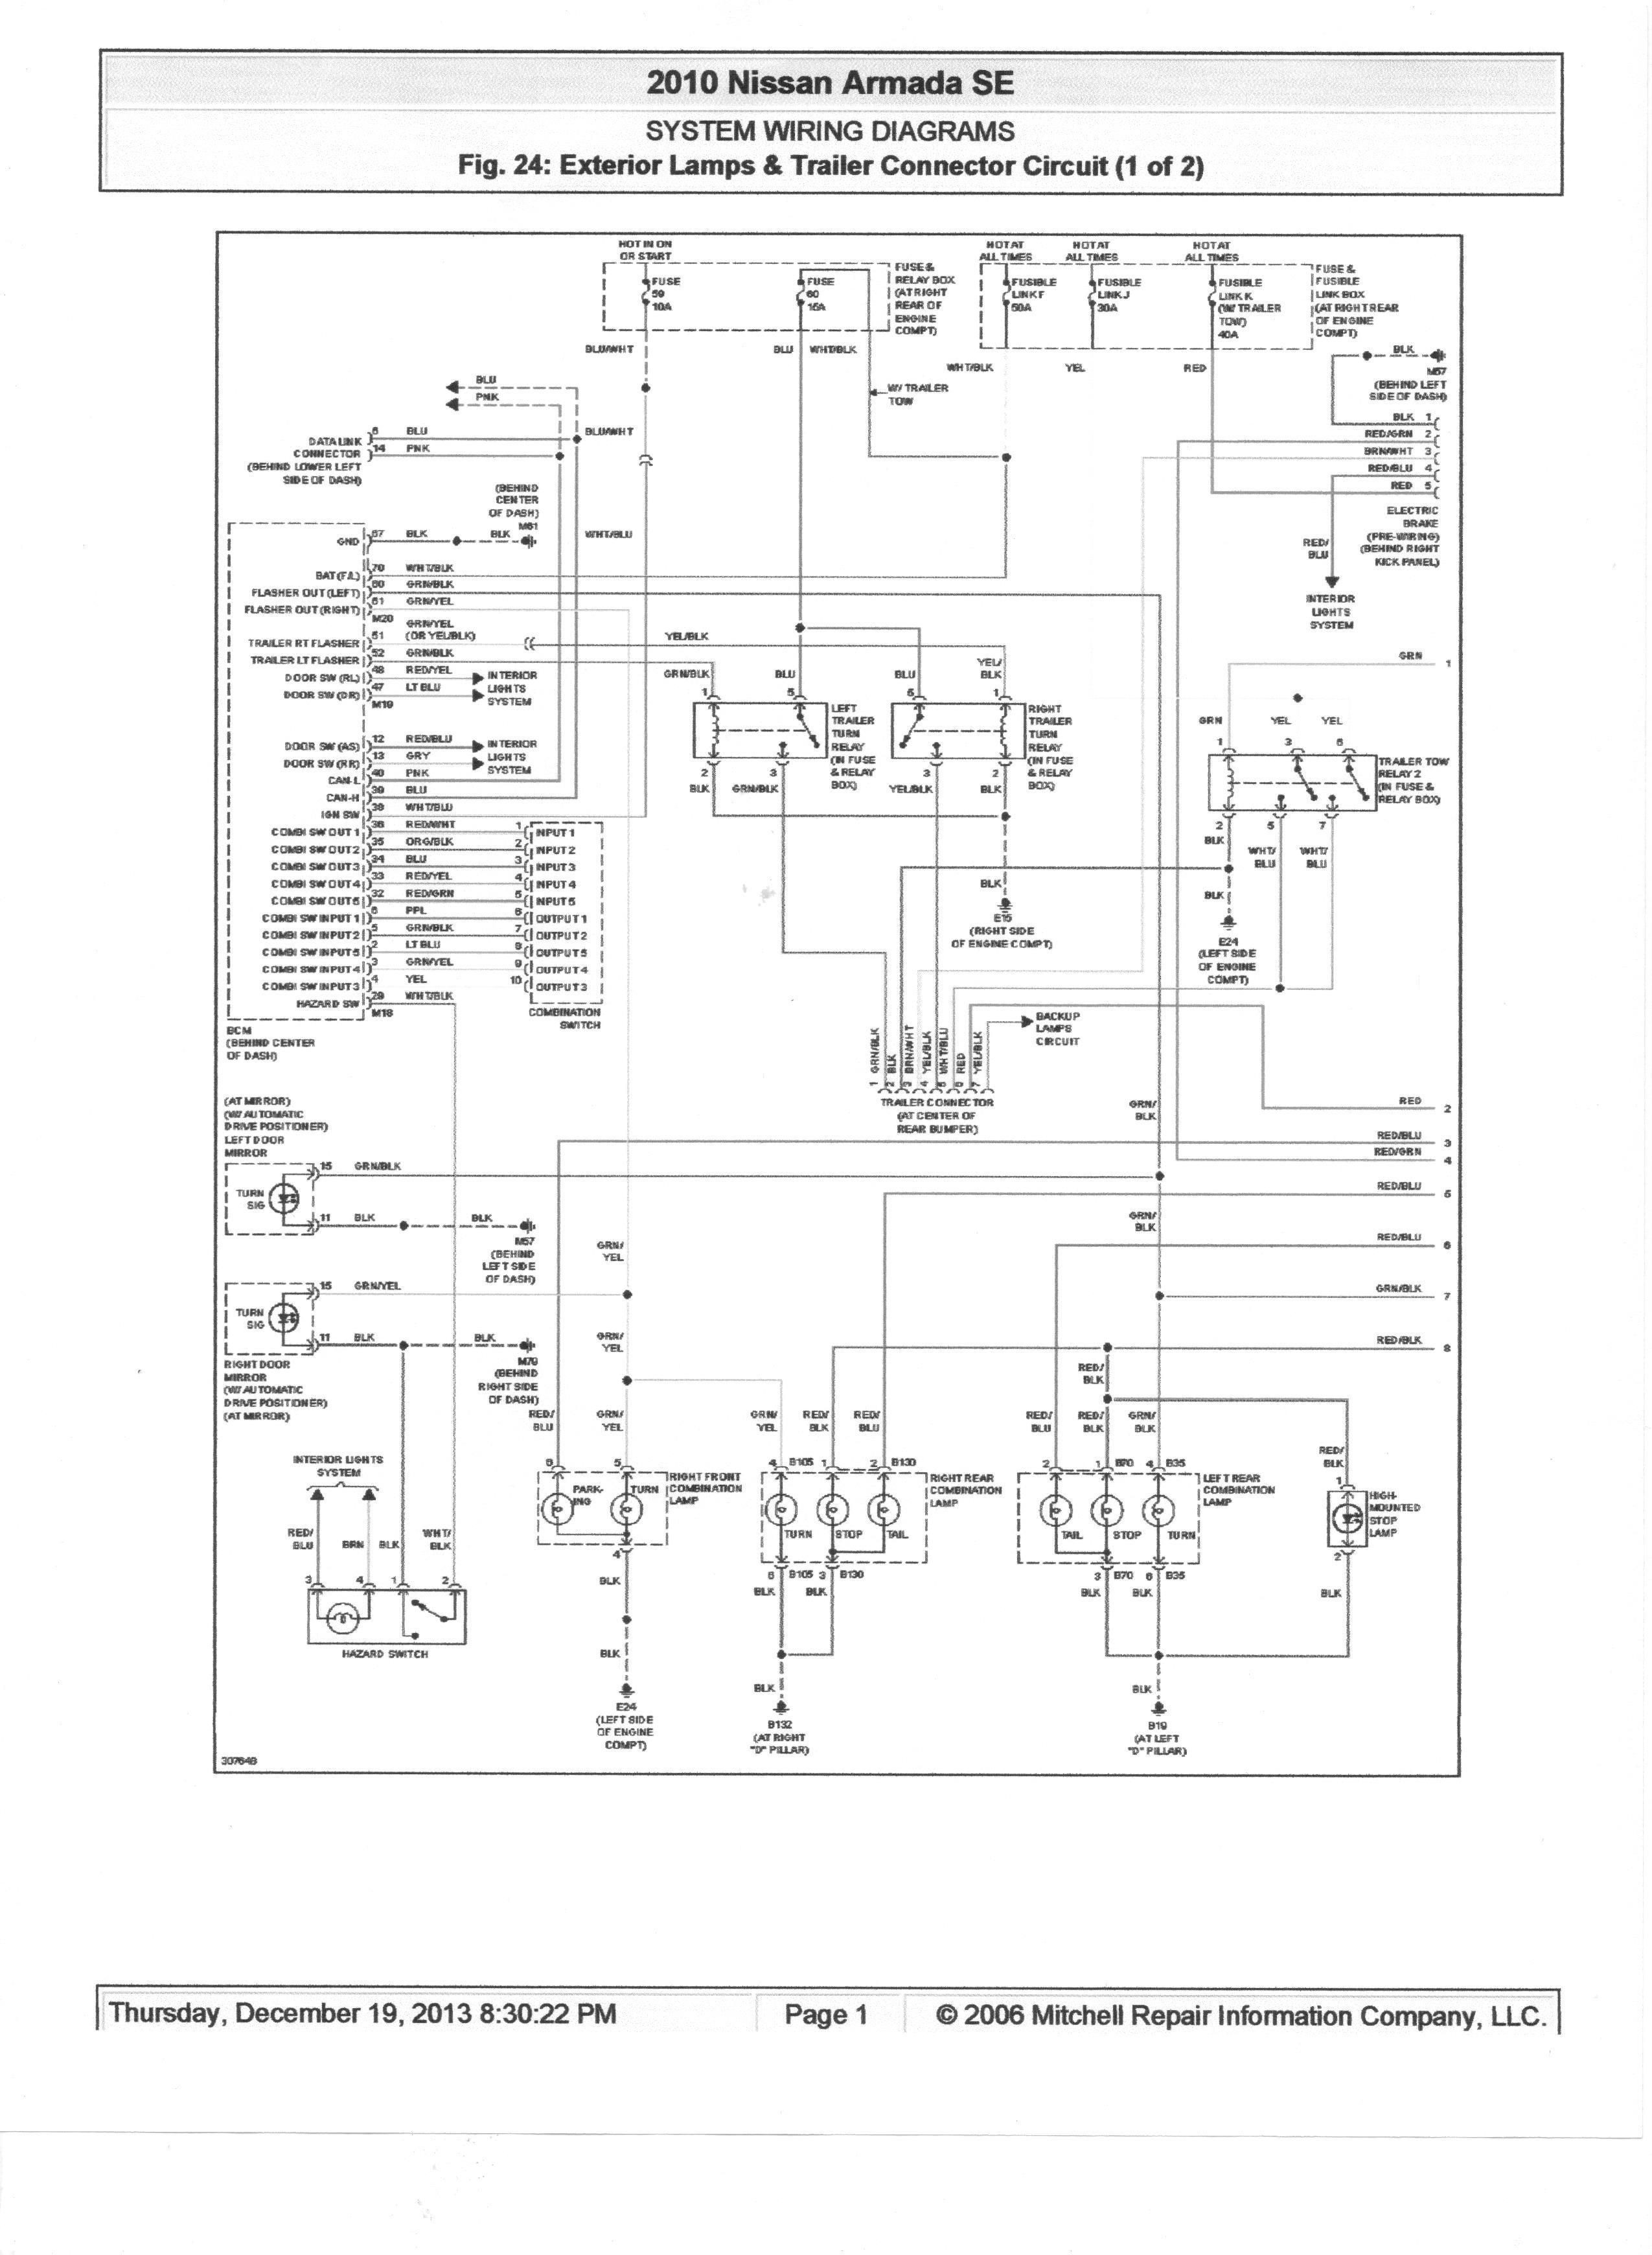 2005 nissan frontier trailer wiring diagram 2006 nissan frontier trailer wiring diagram | free wiring diagram nissan frontier trailer wiring harness #7